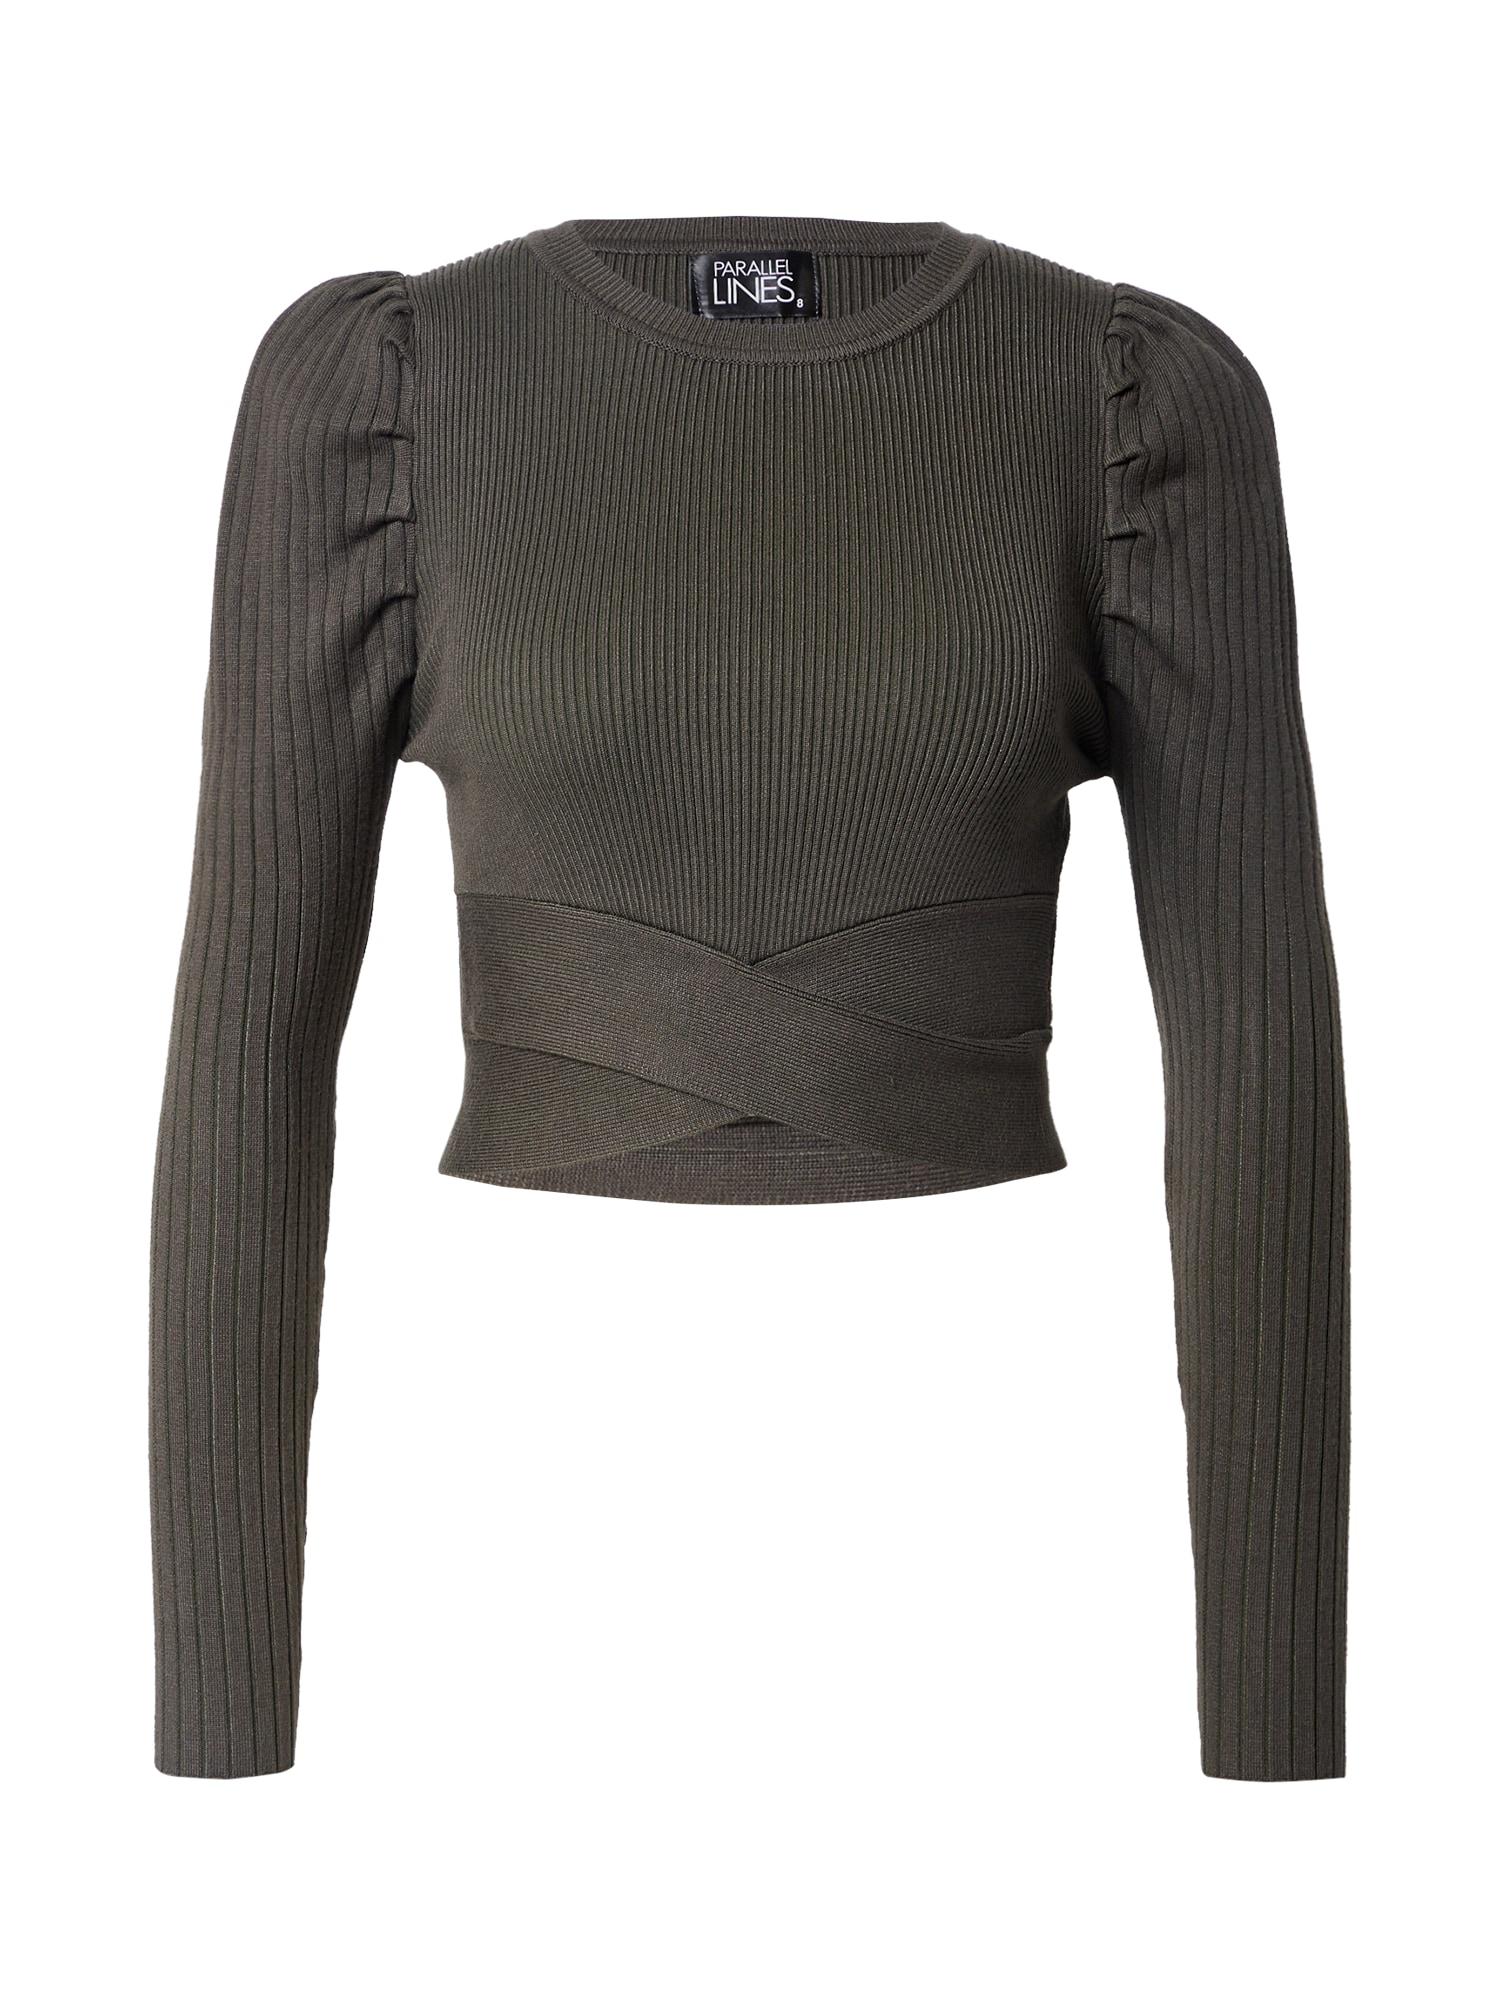 Parallel Lines Marškinėliai tamsiai žalia